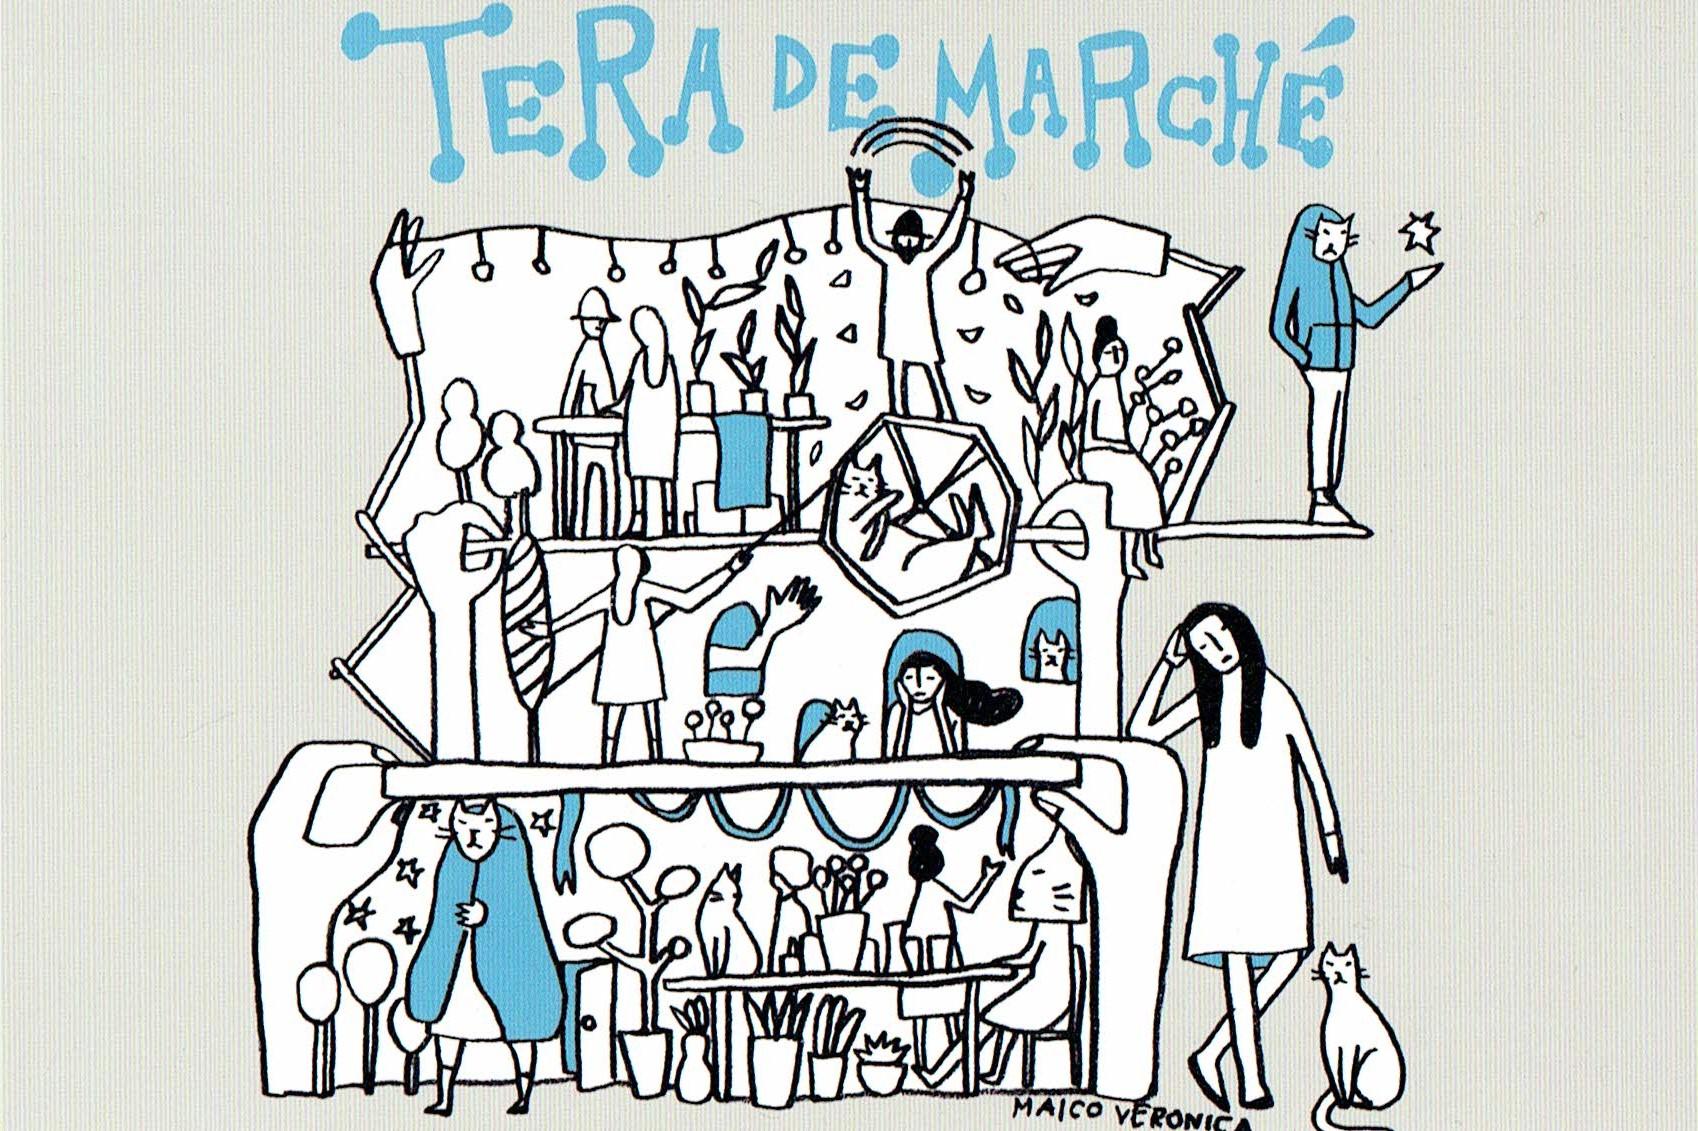 terademarche2016.03